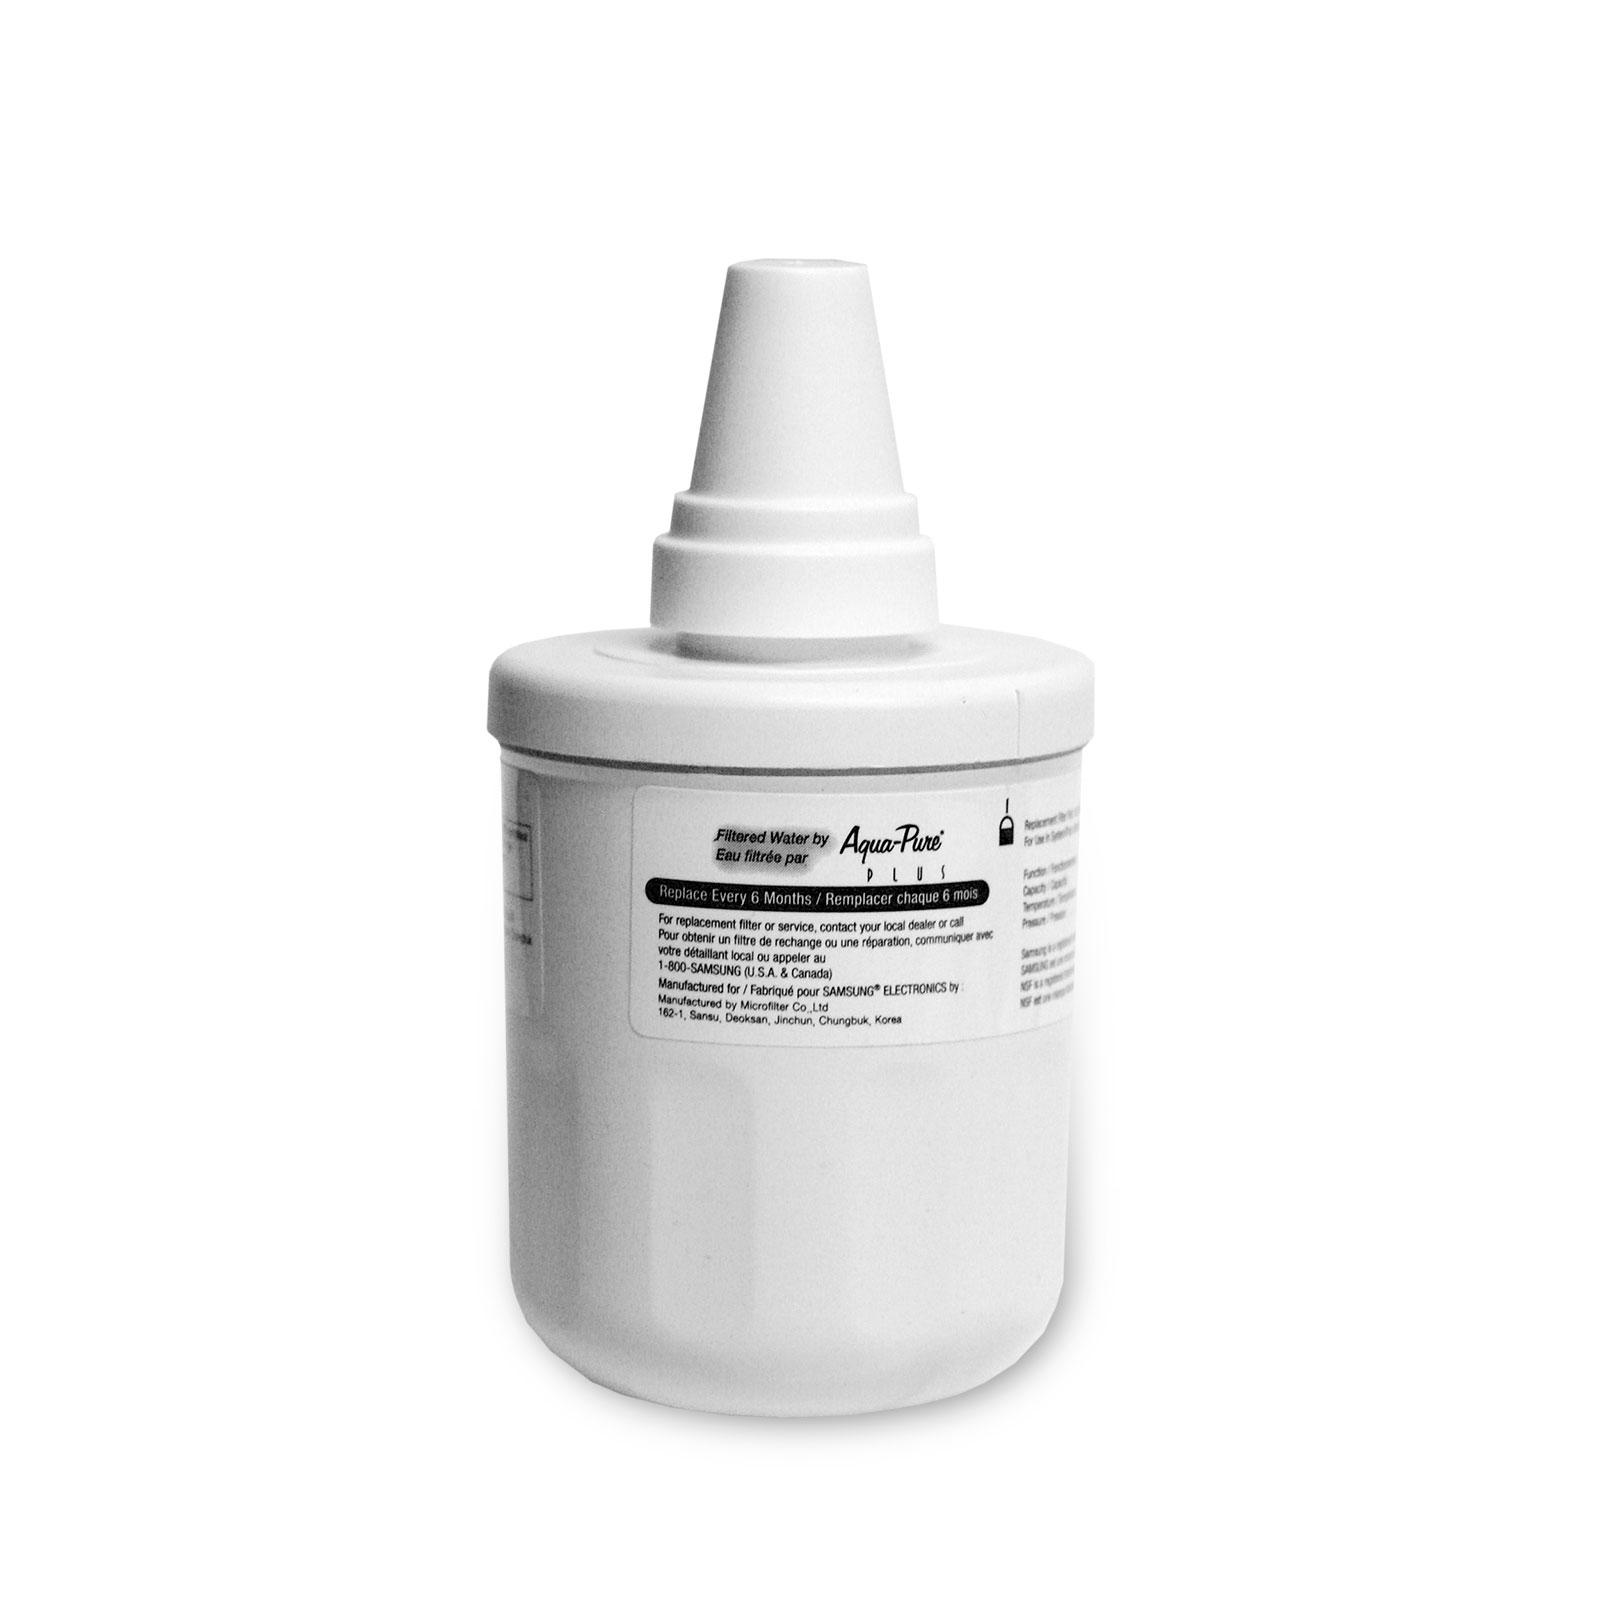 3 St/ück IcePure RWF1100A K/ühlschrank-Wasserfilter kompatibel mit Samsung AquaPure Plus DA29-00003G HAFIN2//EXP K/ühlschrank-Wasserfilter